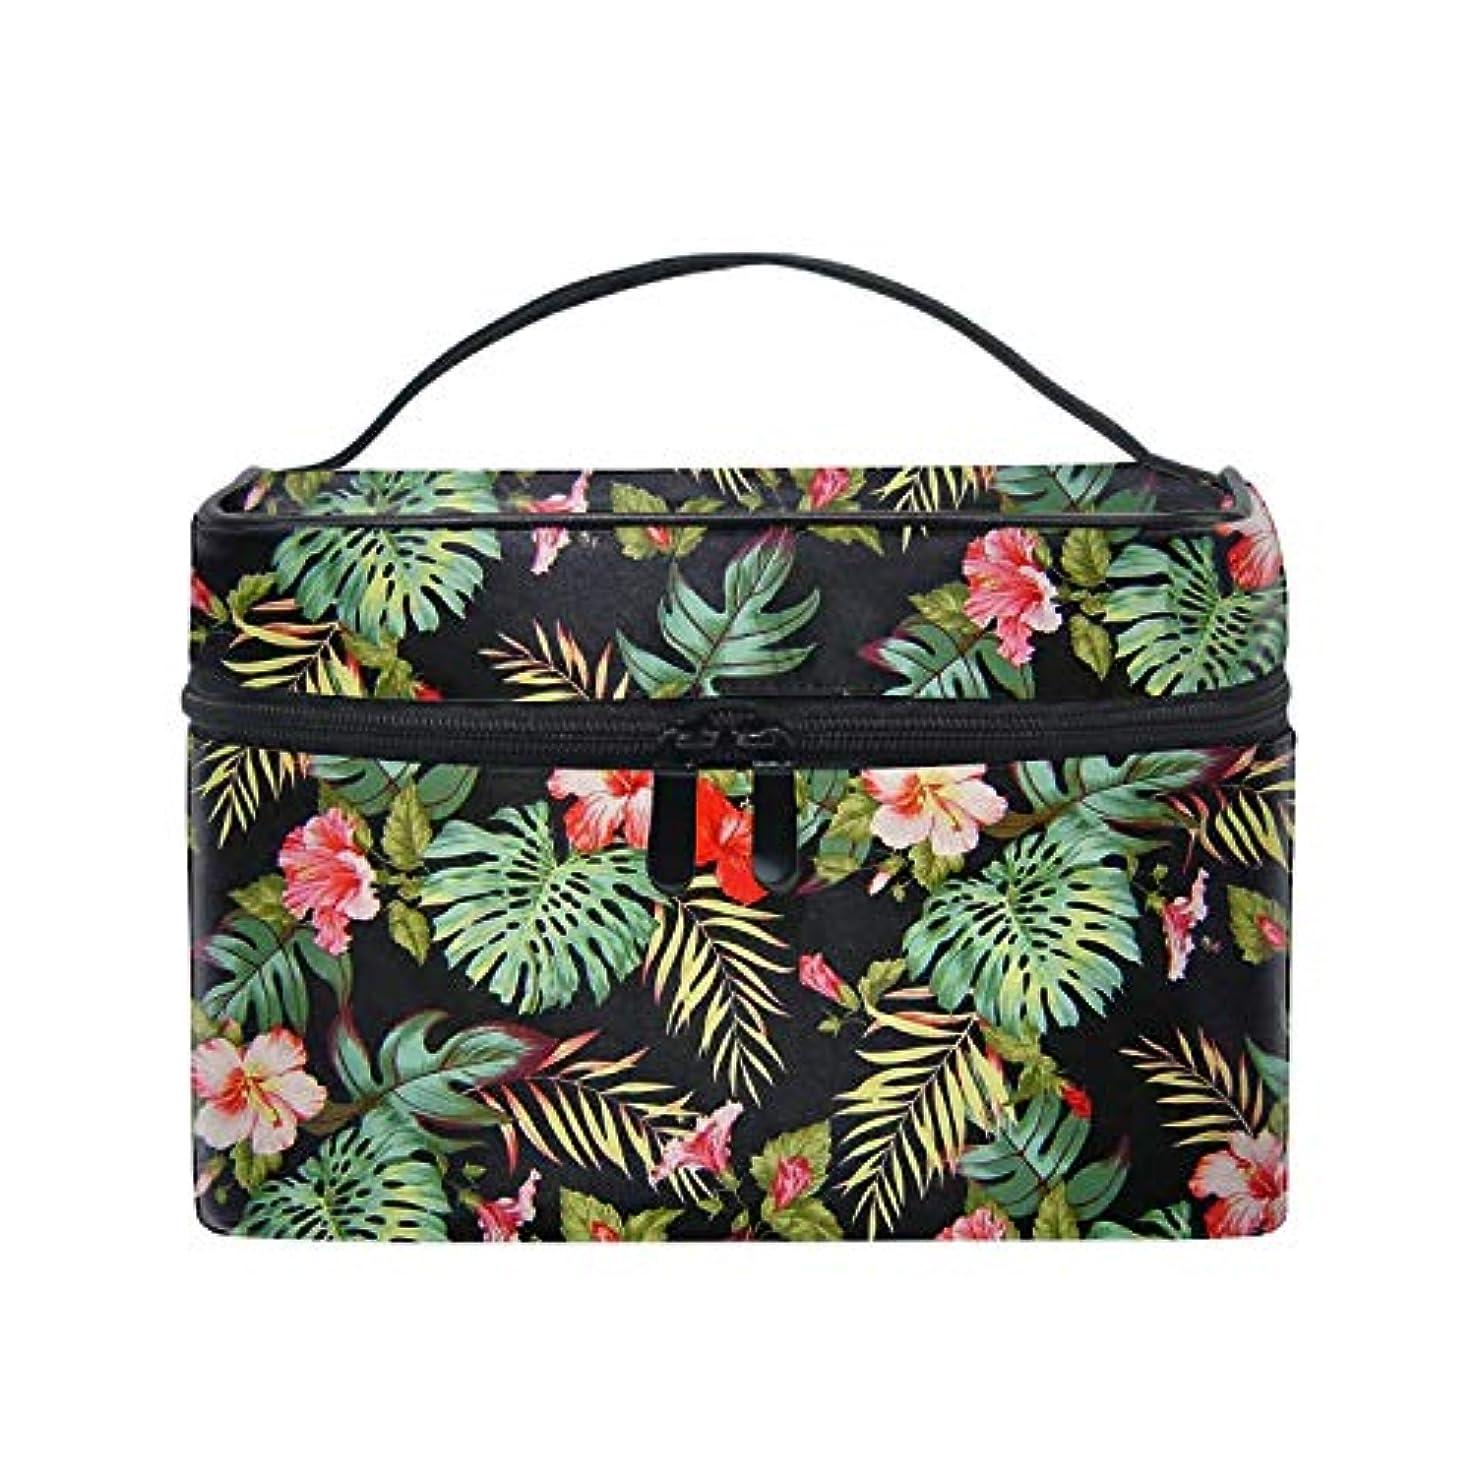 あなたのもの些細な実証する熱帯の花柄化粧ポーチ トラベルポーチ 収納ポーチ 旅行ポーチ 小物入れ マルチポーチ かばん 防水 旅行